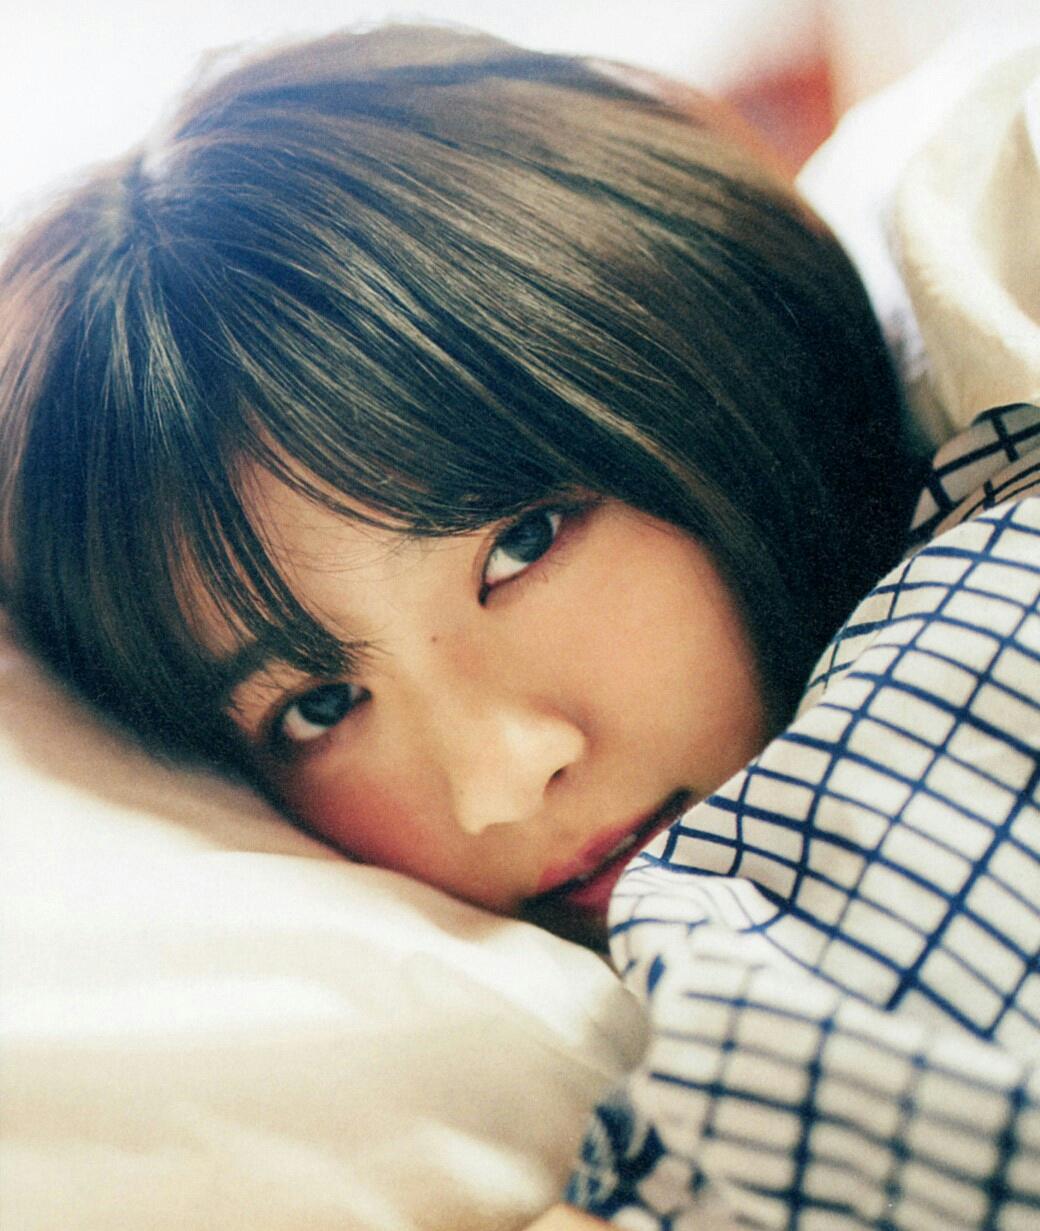 (要准备洗漱睡了,享受她是自己妻子的第一个晚上吧…会睡得着吗,总